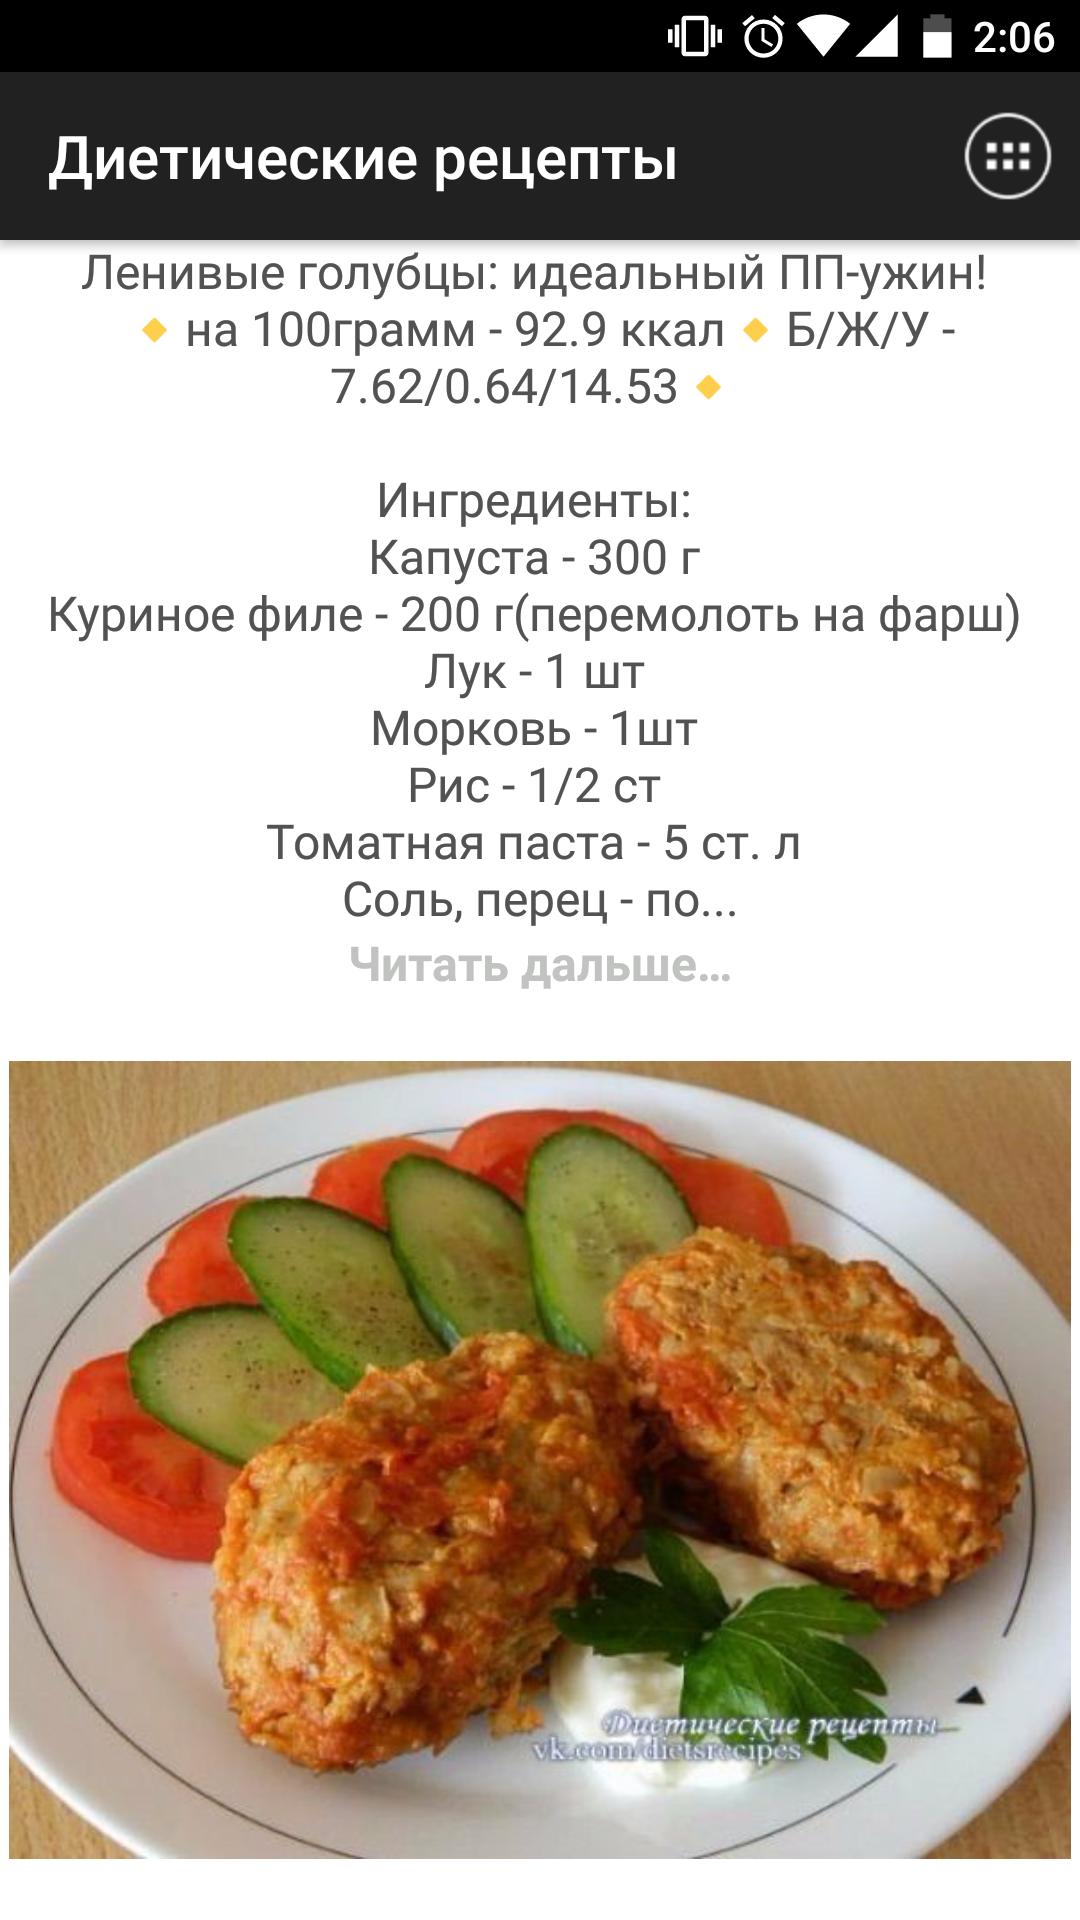 Рецепты диетические рецепты для похудения с указанием калорий